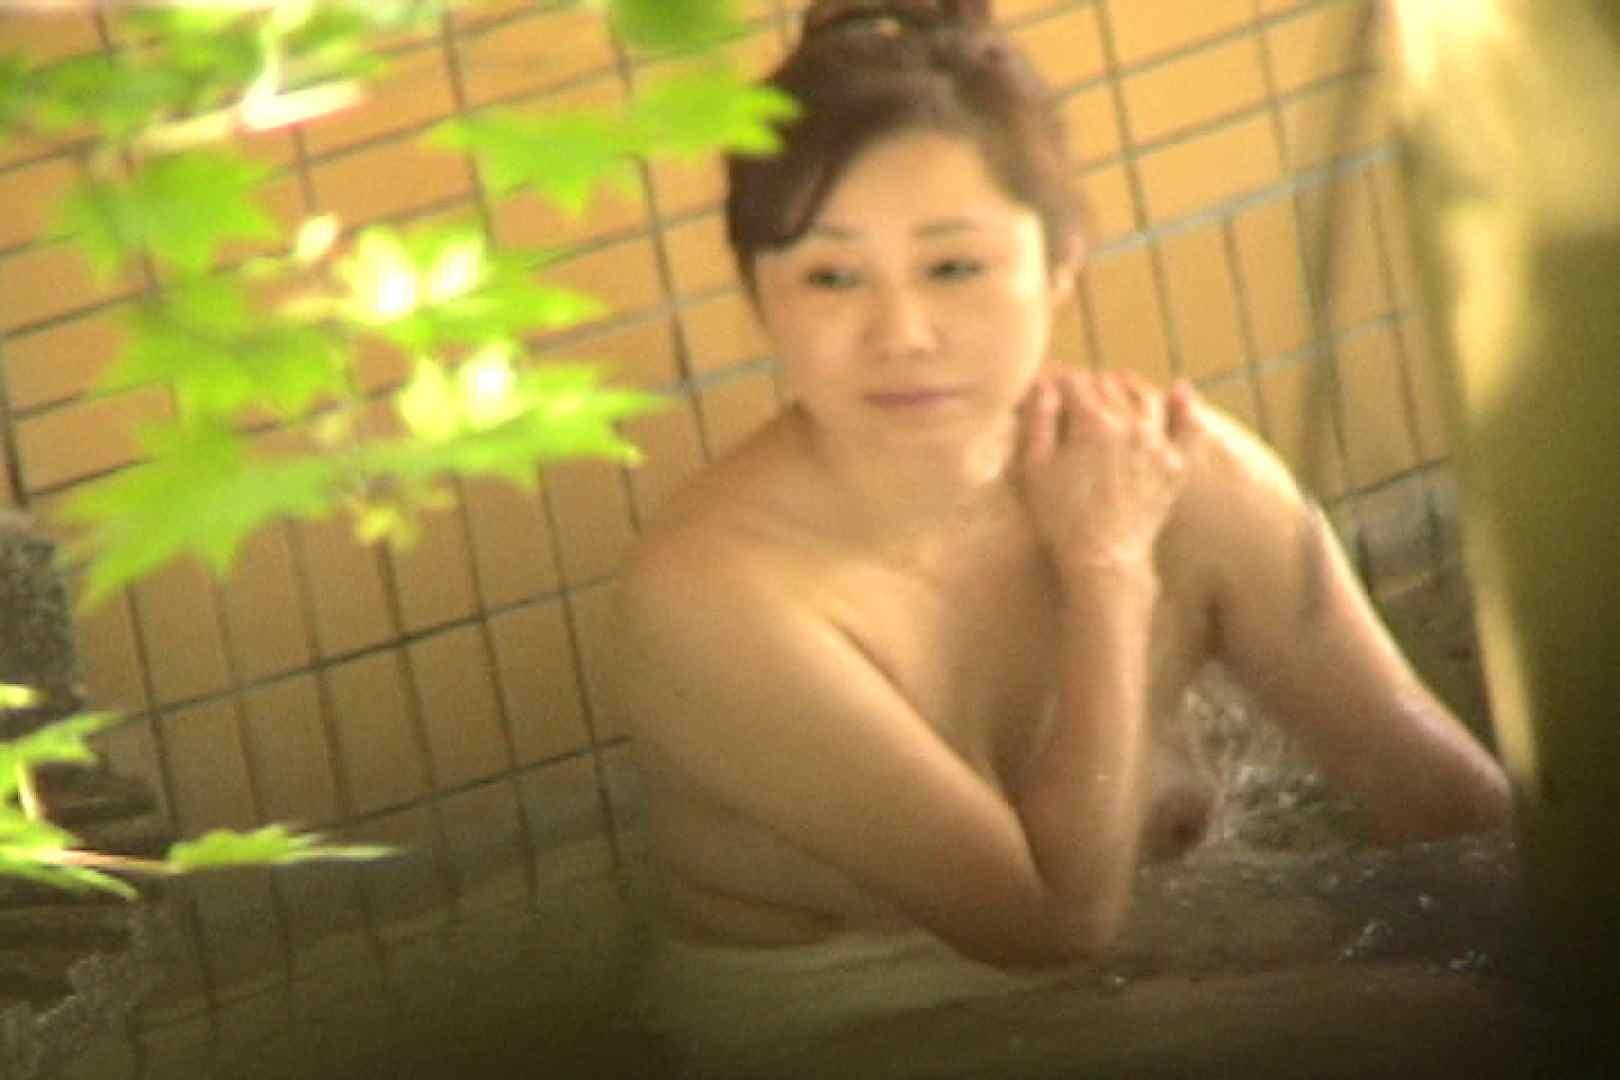 Aquaな露天風呂Vol.452 綺麗なOLたち 盗撮動画紹介 59枚 41